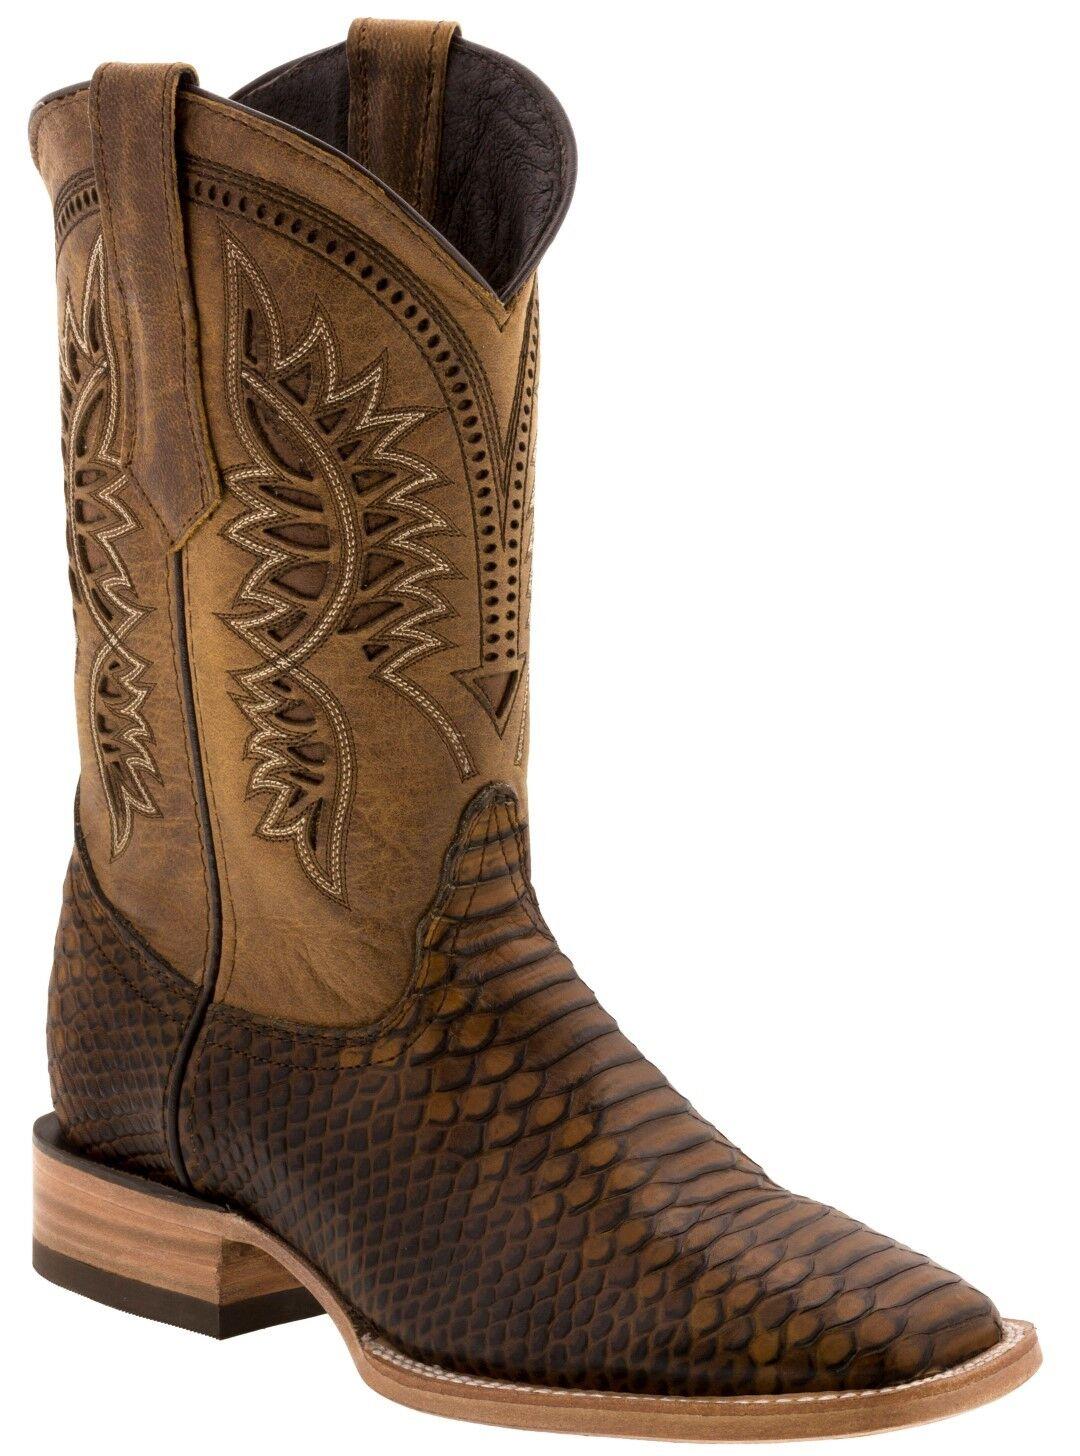 Para hombres cuero patrón de miel Python Serpiente Puntera Cuadrada Vestido Informal botas De Vaquero